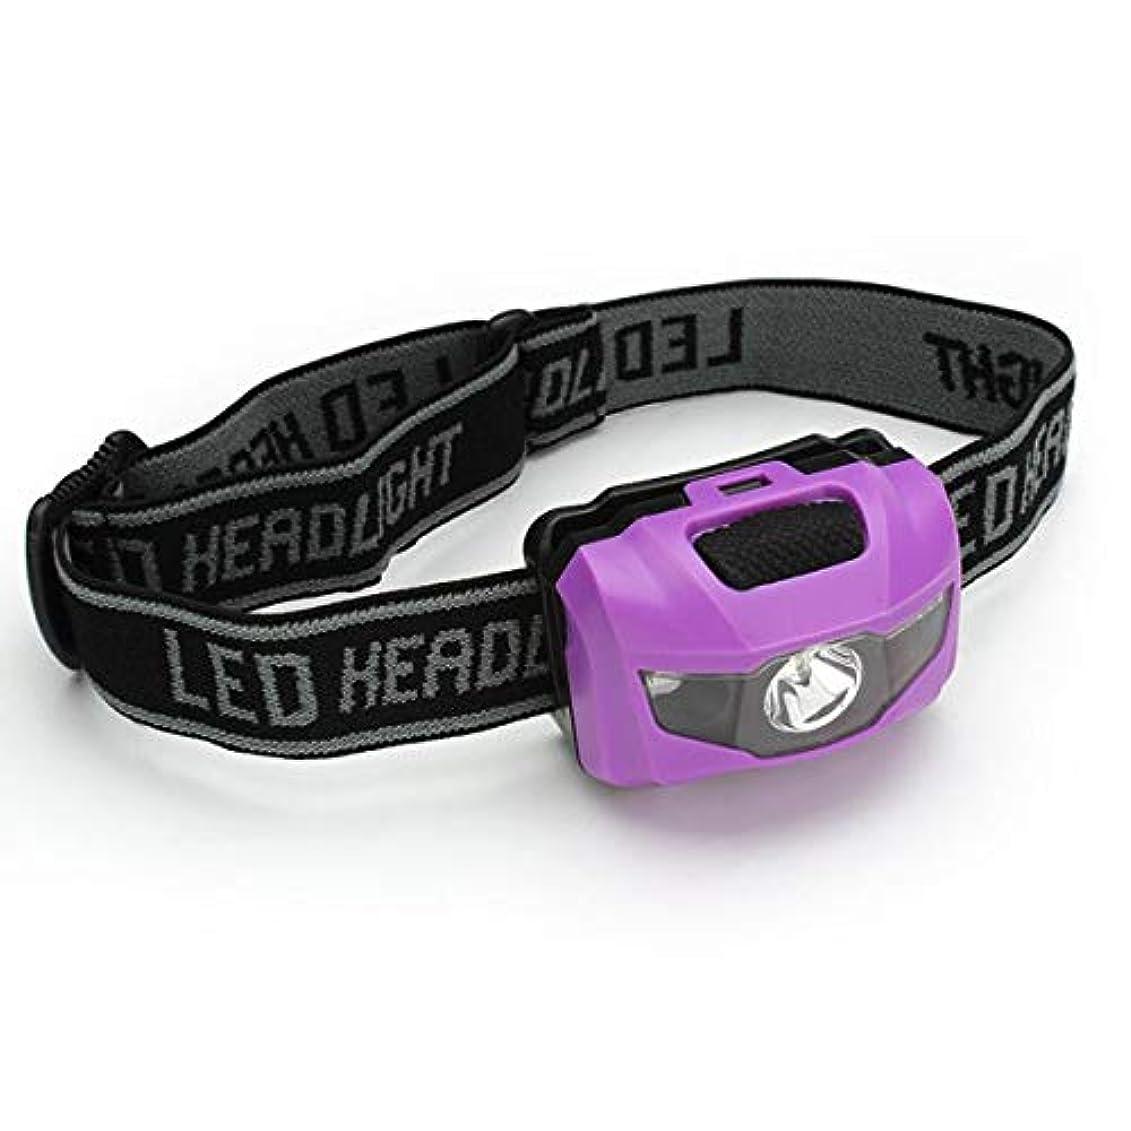 絶え間ないトーク気づかないLEDヘッドライトヘッドライトアウトドアキャンプハイキング夜間ライト